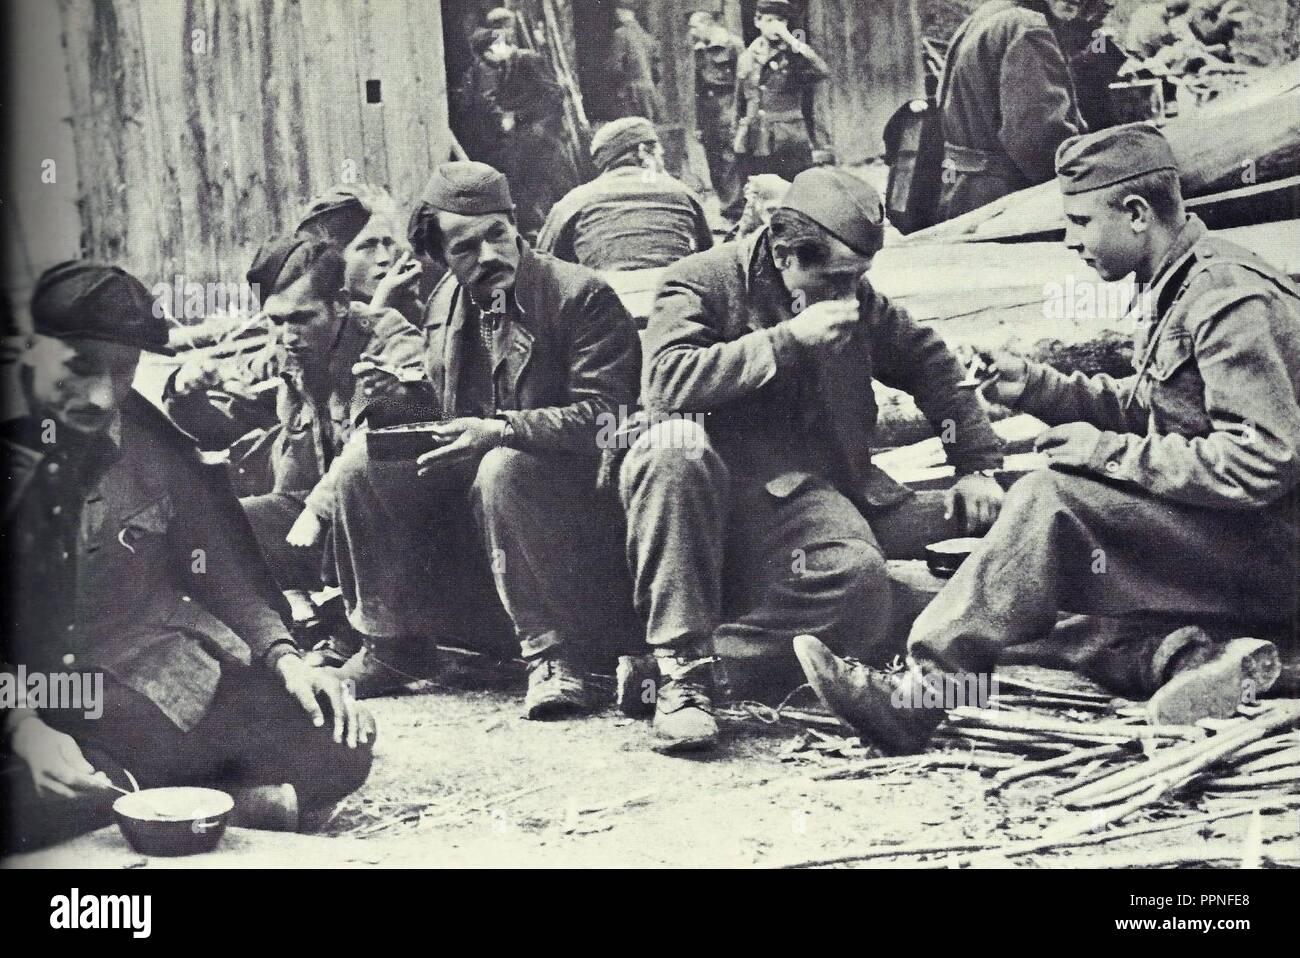 Borci 14. divizije jejo močnik v neki hrvaški vasi. Immagini Stock